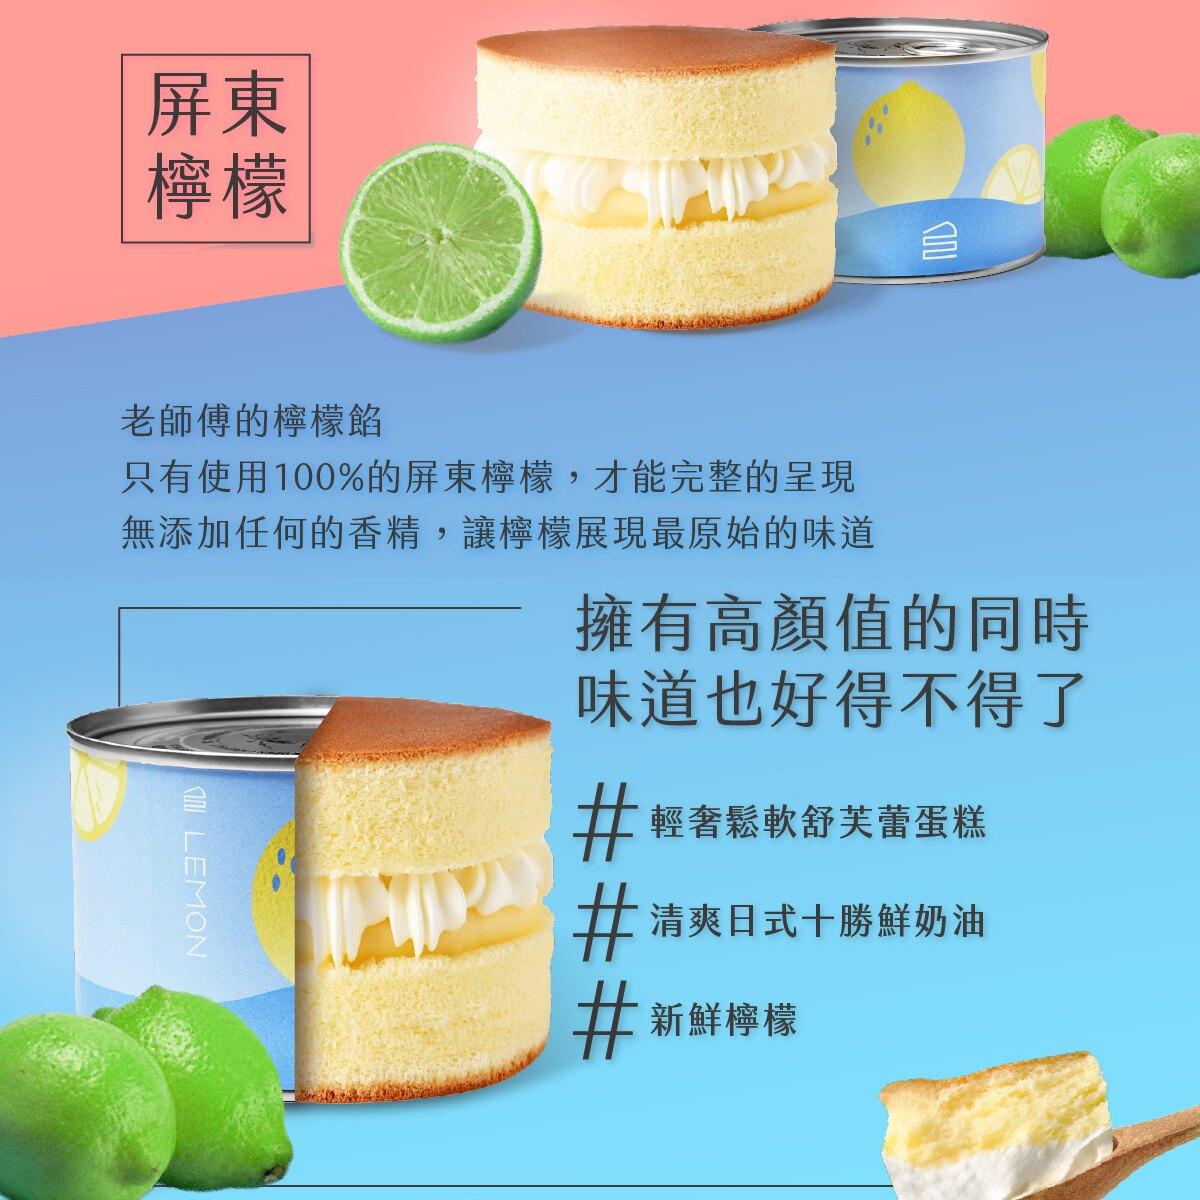 【拿破崙先生】舒芙蕾鐵罐蛋糕★屏東檸檬★罐子蛋糕再升級,將十勝鮮奶油作最極致的發揮~